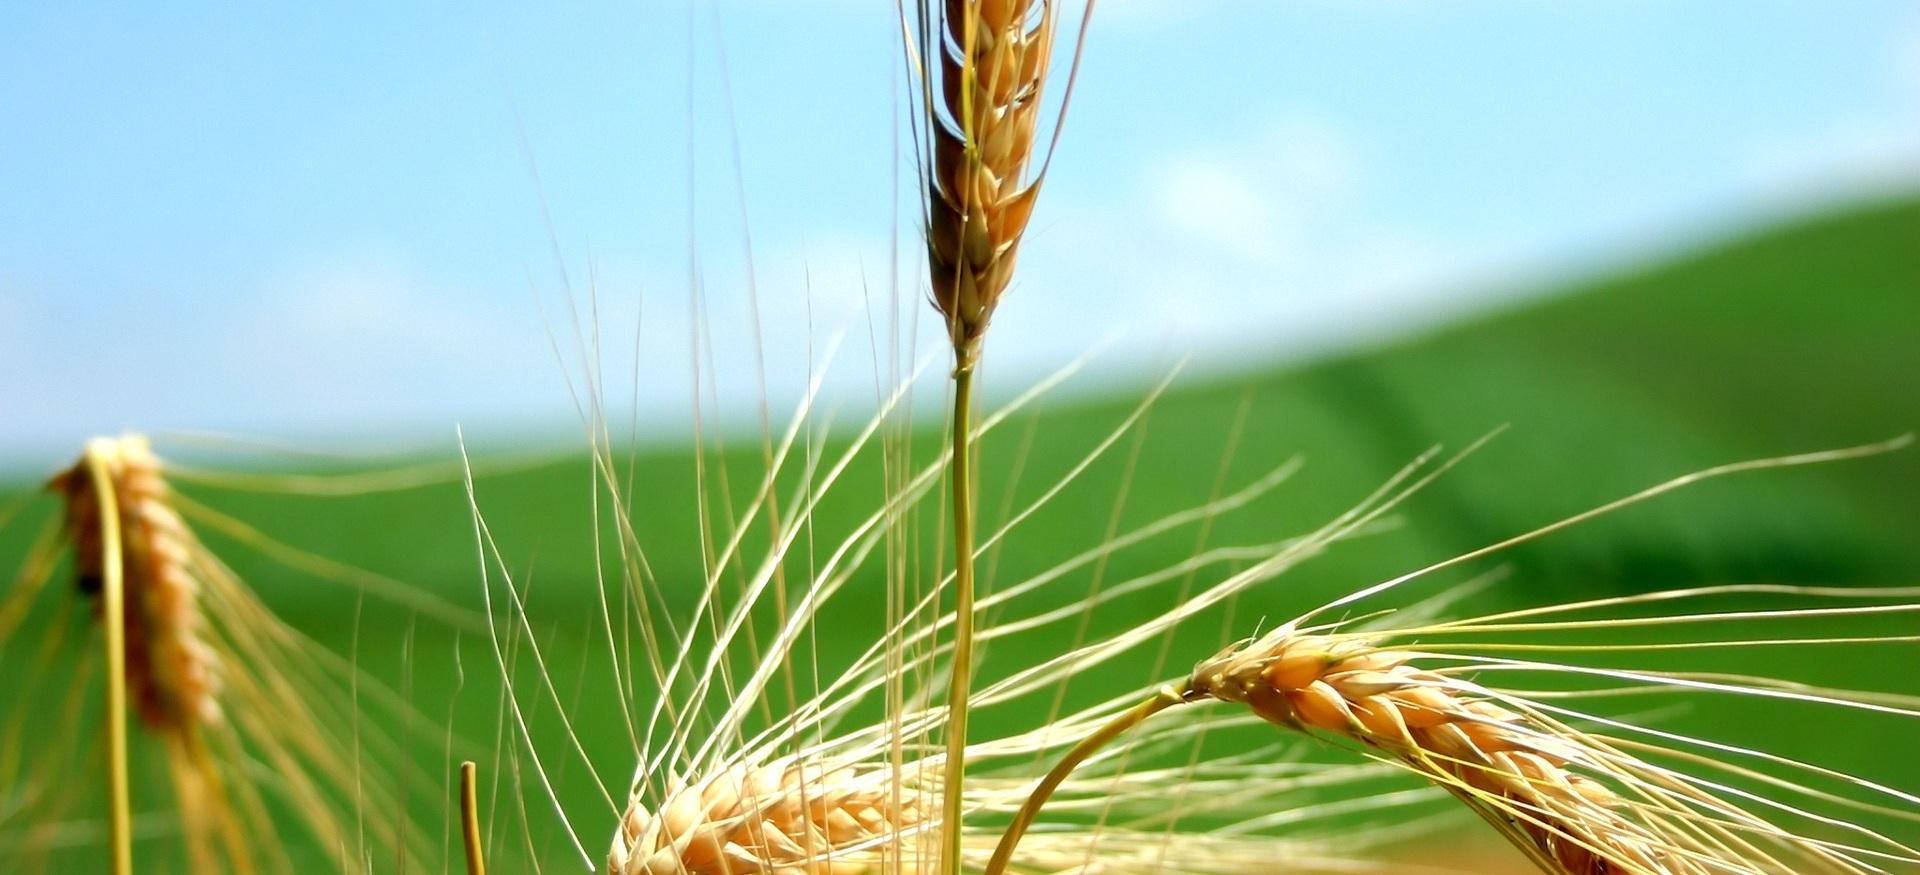 Mipaaf: decreto agricoltura è legge